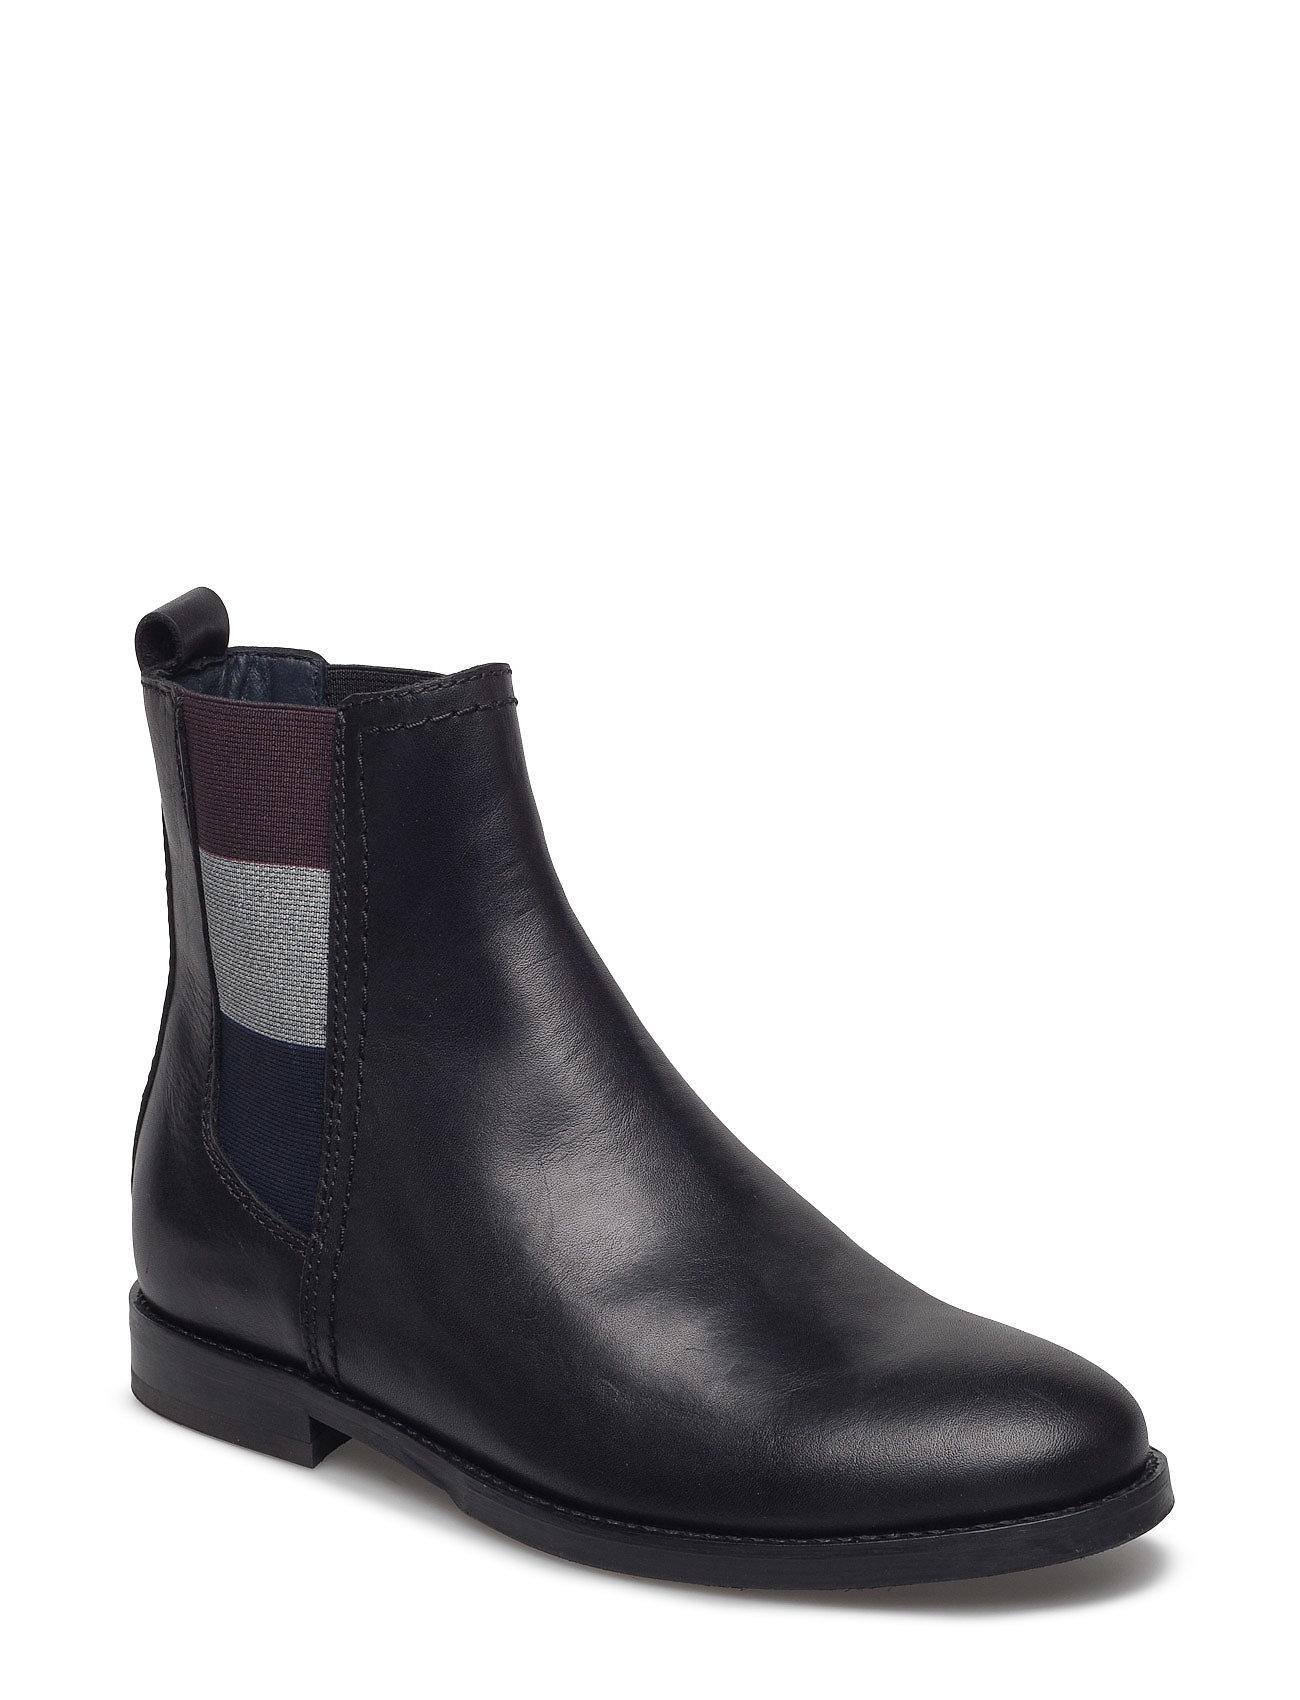 G1385enny 16a2 Tommy Hilfiger Støvler til Damer i Sort